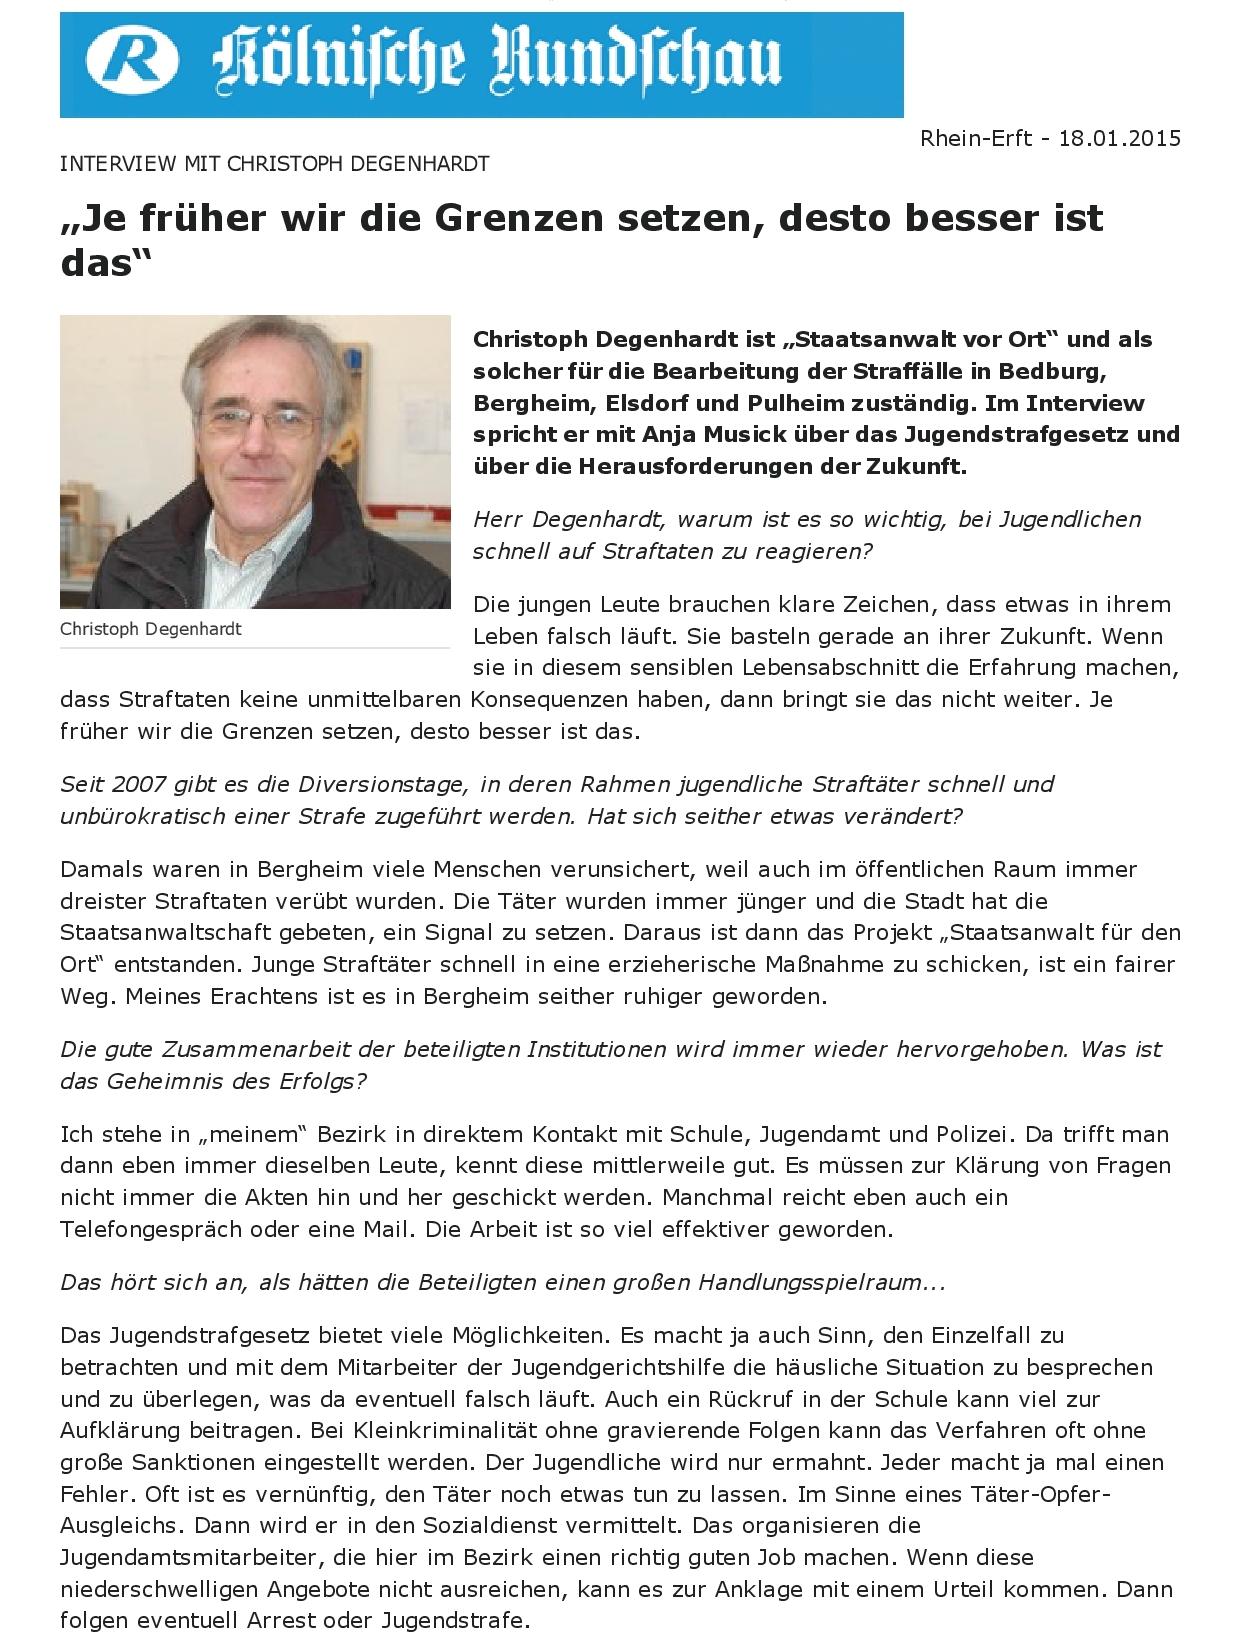 """Kölnische Rundschau- """"Je früher wir die Grenzen setzen, desto besser ist das""""-001"""